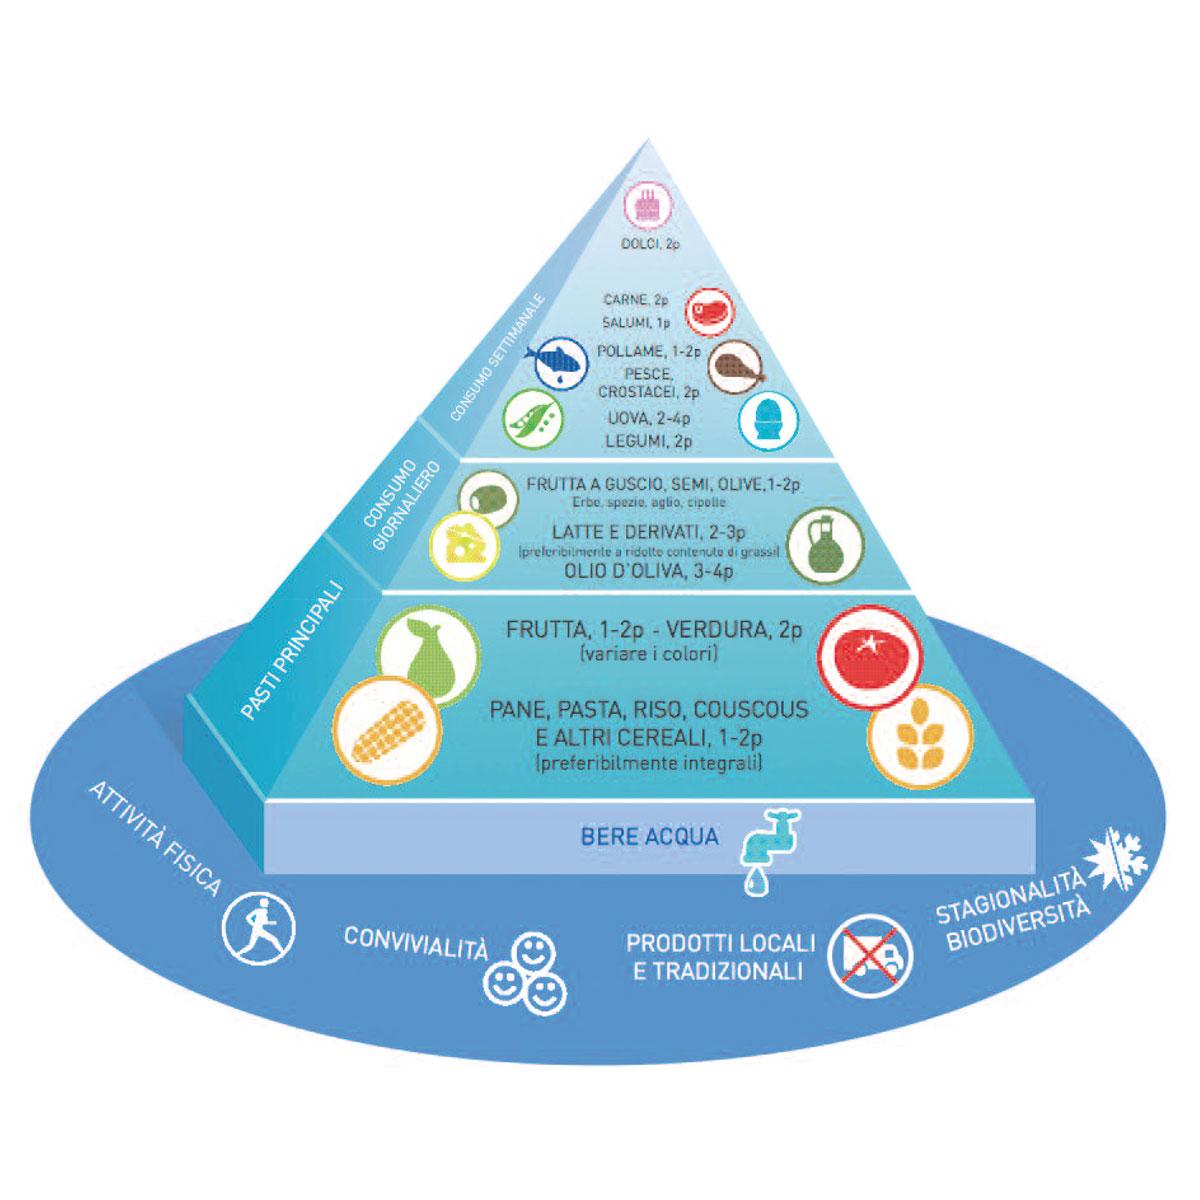 Piramide Dieta Mediterranea Italiana